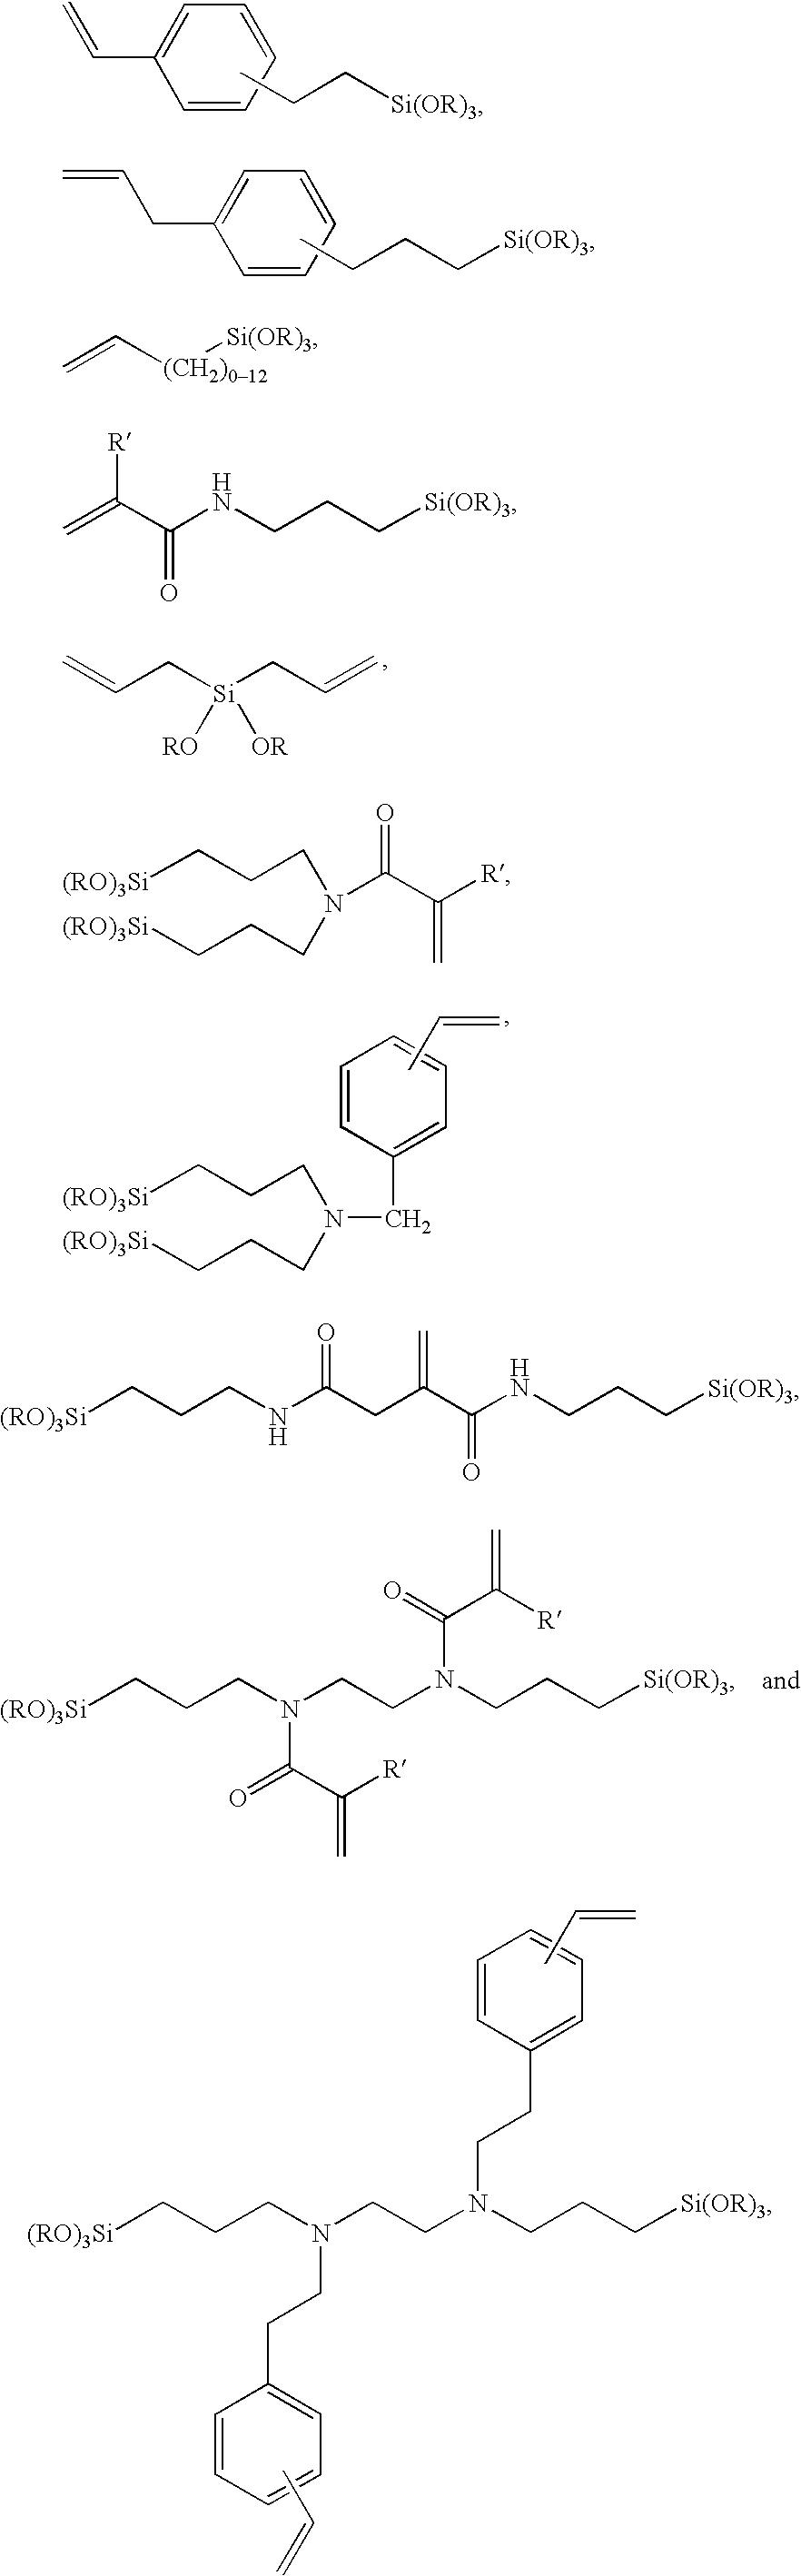 Figure US20050230298A1-20051020-C00005